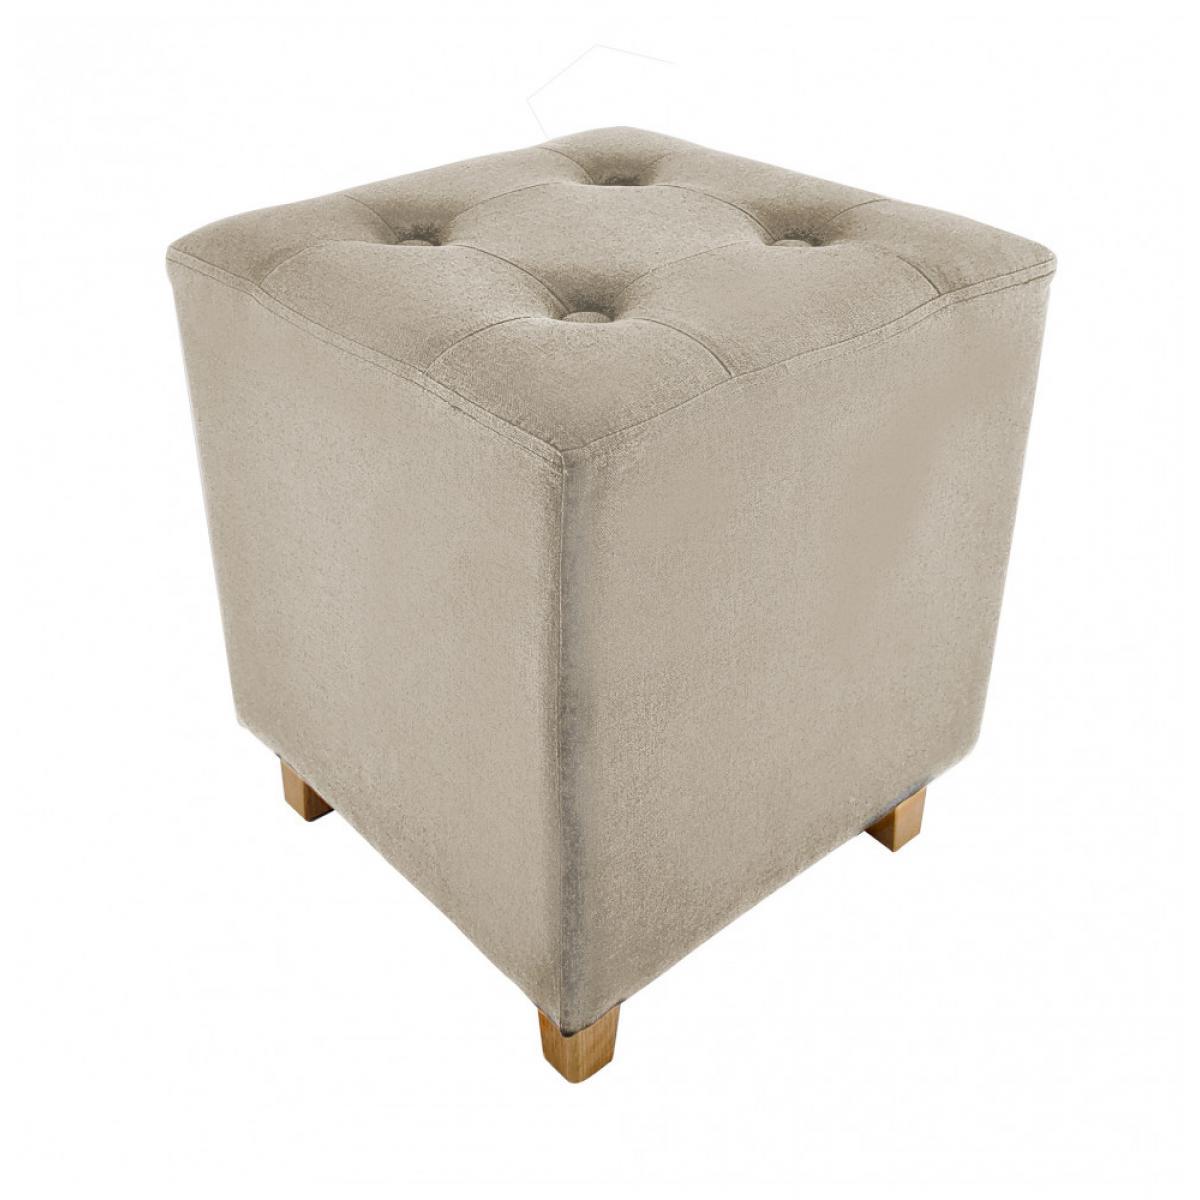 Ac-Deco Pouf carré - Hyppolyte - 35 x 35 cm - Beige